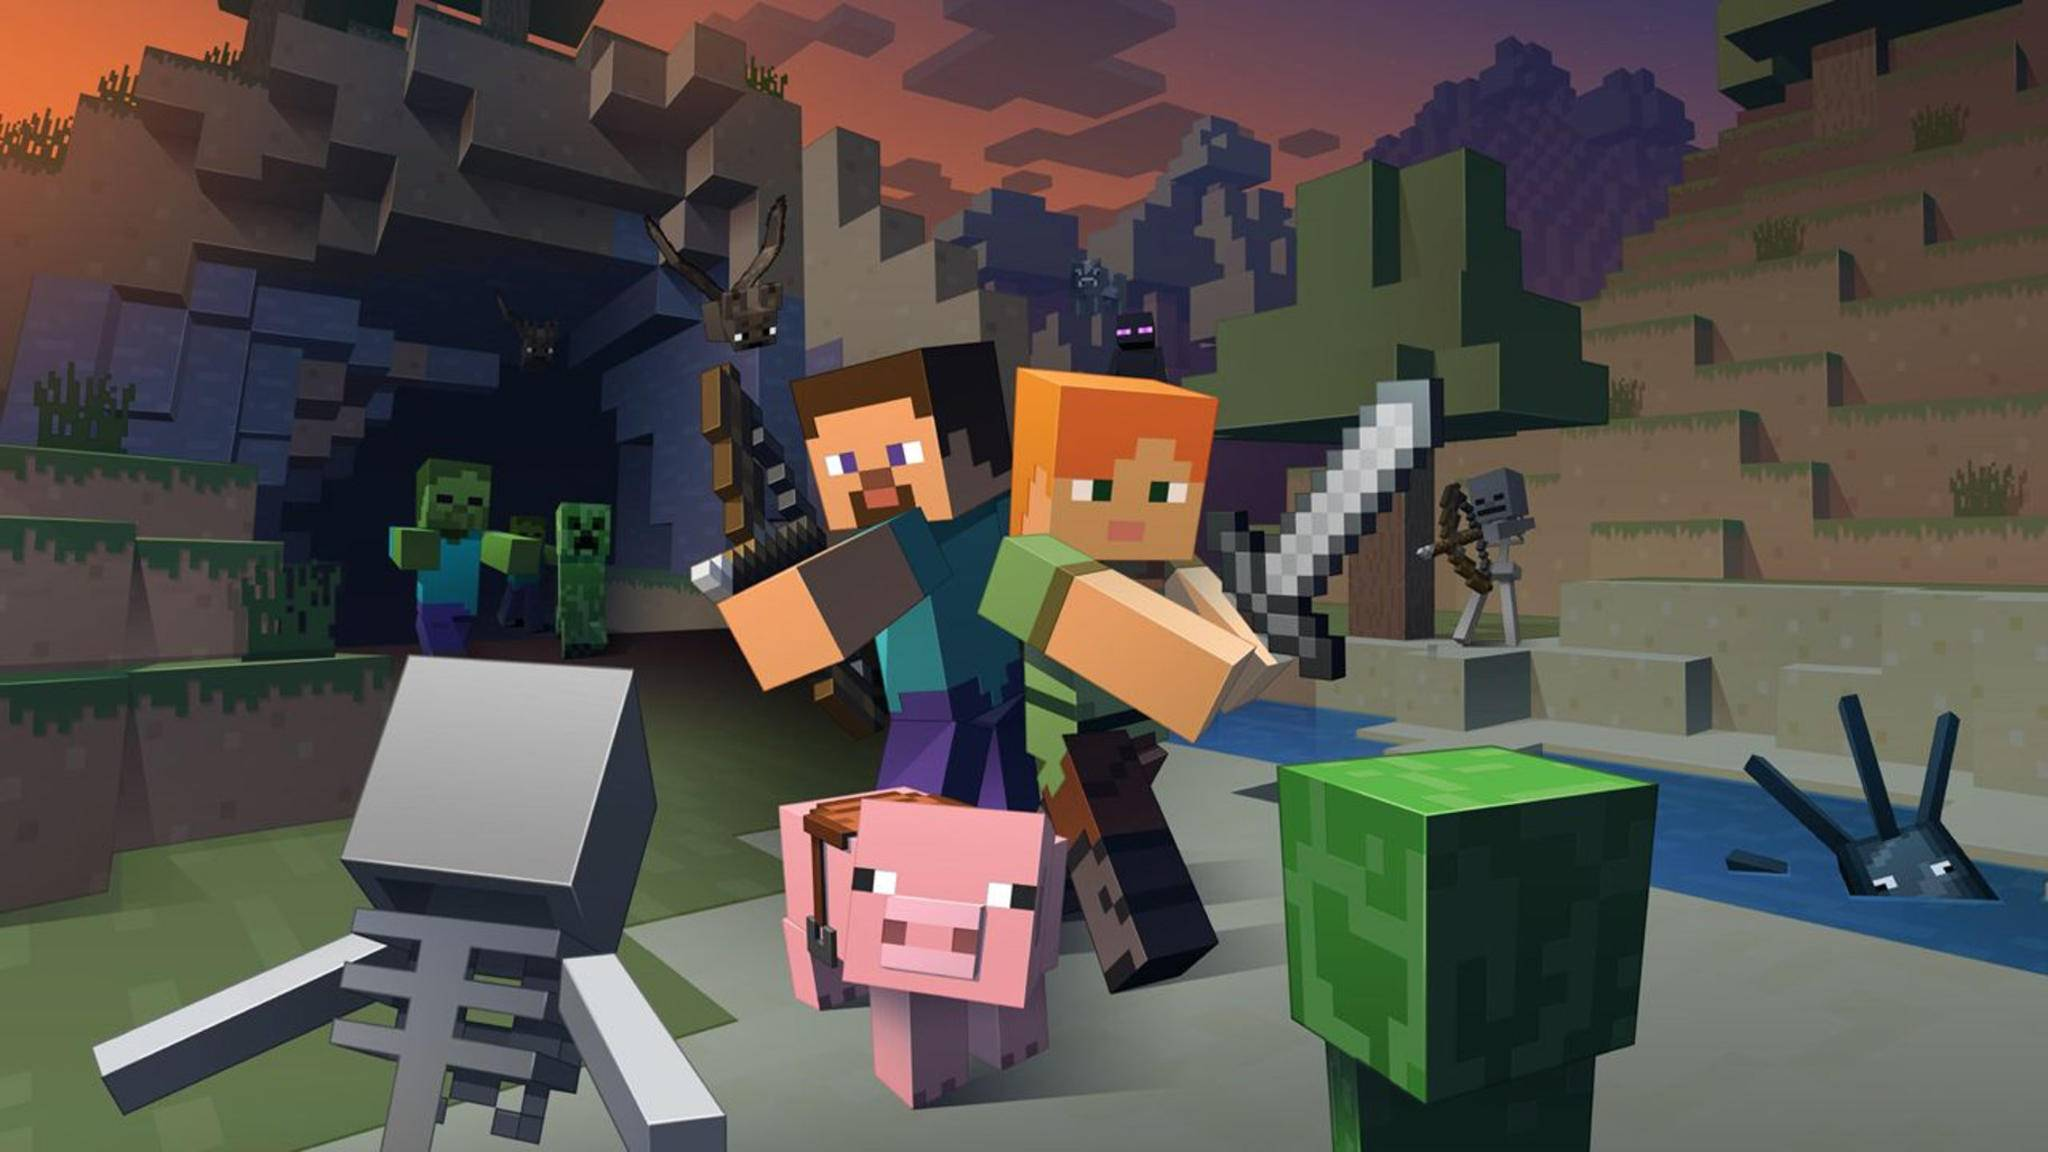 Ähnliche Spiele Wie Minecraft SandboxGames Zum Austoben - Minecraft spielen kostenlos deutsch online